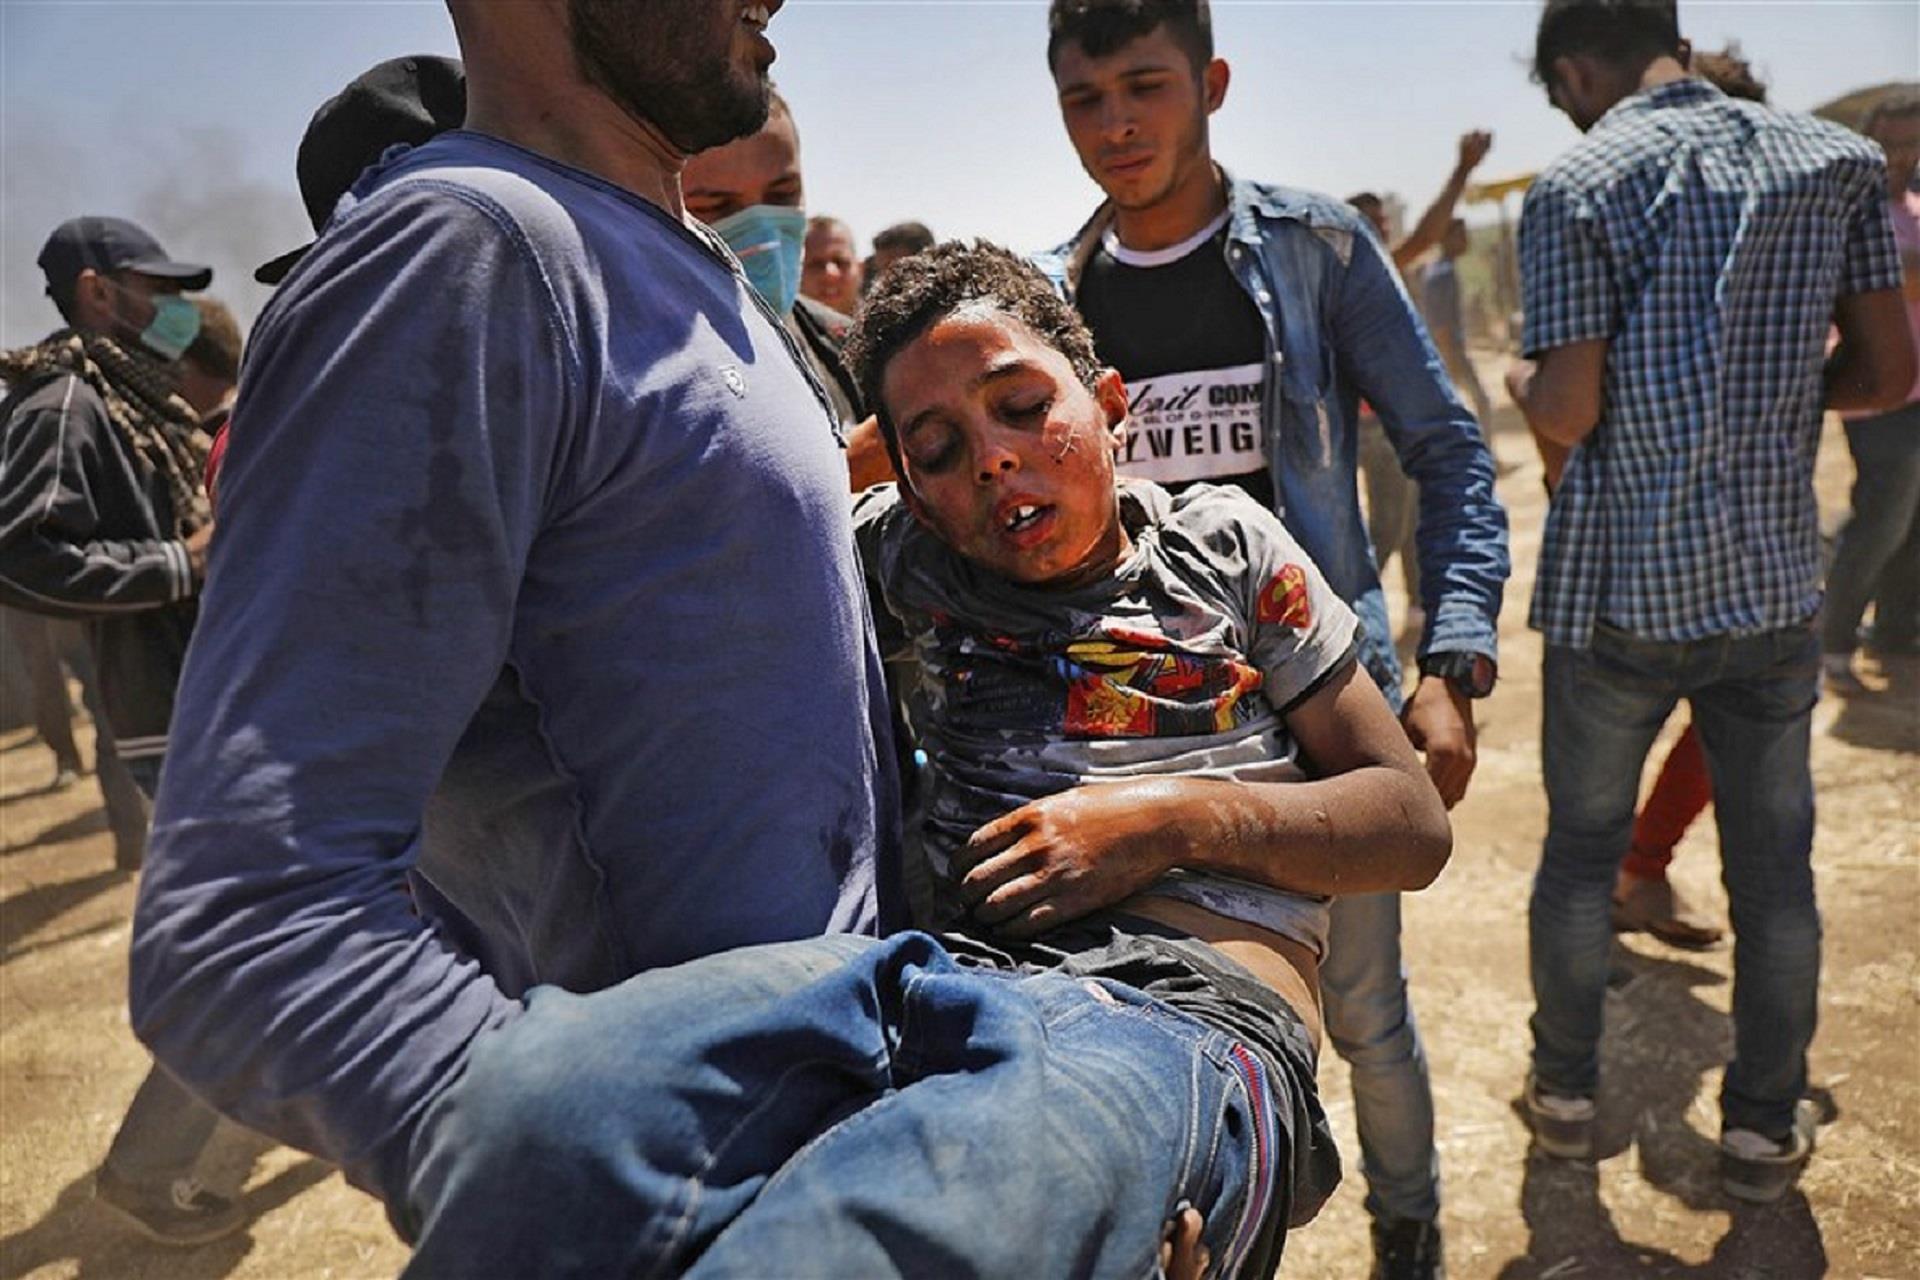 Deadliest day in Gaza in years as U.S. embassy in Jerusalem opens